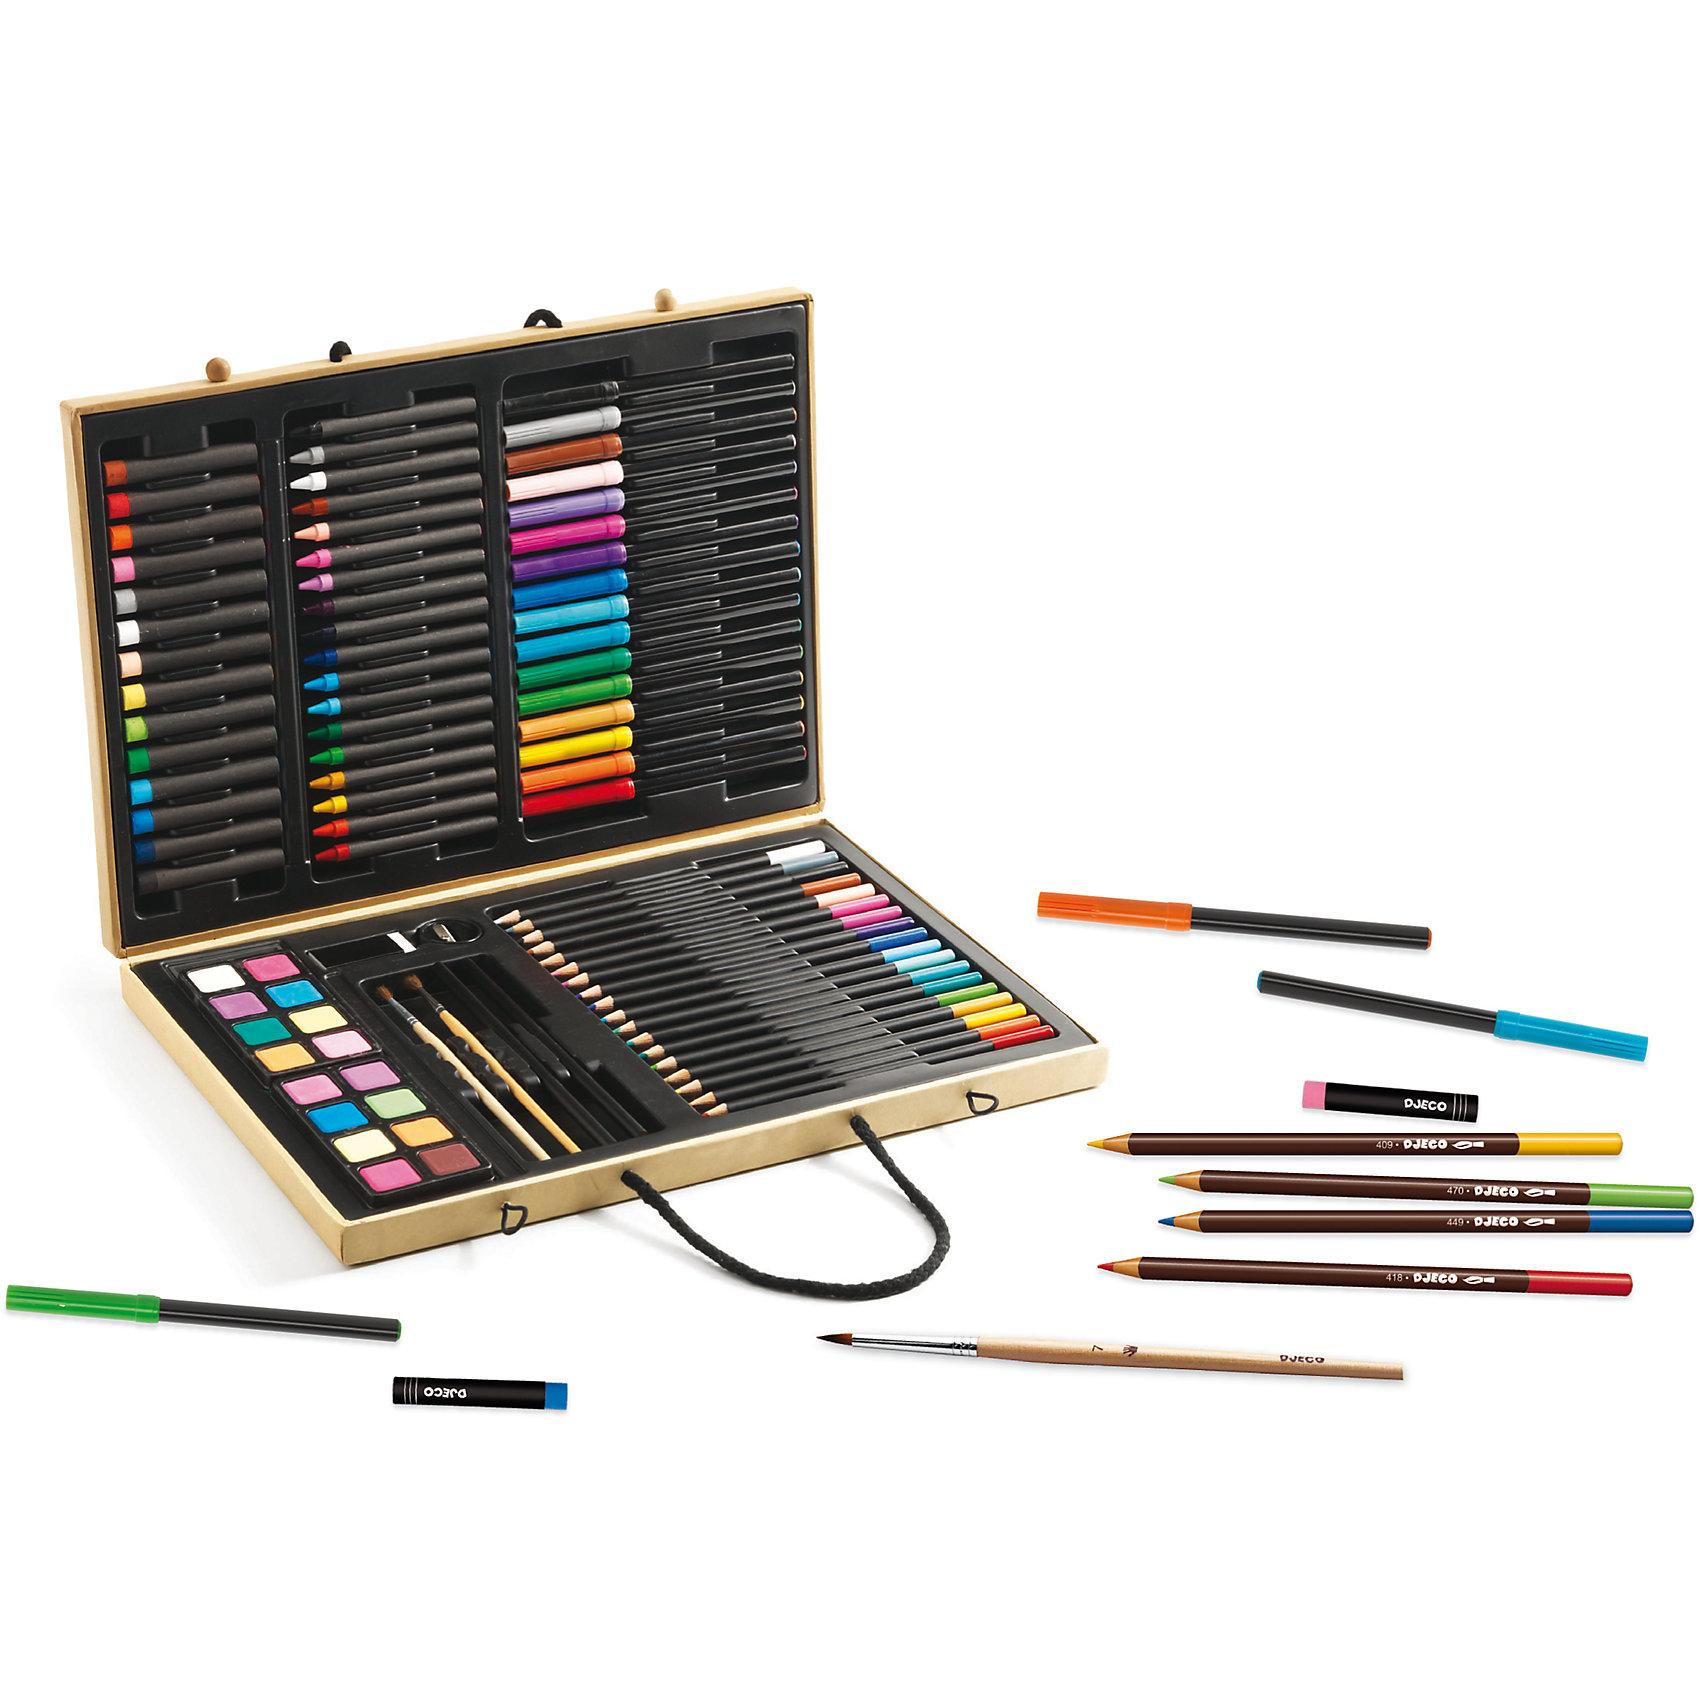 Большой художественный набор (88 предметов)Маркеры<br>Большой художественный набор от французского производителя Djeco (Джеко) - превосходный набор для рисования в чемоданчике для каждого творческого ребенка! В наборе вы найдёте всё необходимое для создания красивых рисунков и художественных картин: карандаши, фломастеры, мелки, пастель, акварель и многое другое. Красивые цвета и великолепное европейское качество приведут в восторг не только начинающих художников, но и опытных ценителей искусства. Краски не выцветают и сохраняют насыщенность цвета в течение долгого времени. <br>В наборе: <br>18 цветных карандашей, 16 фломастеров, 18 восковых мелков,<br>14 цветов масляной пастели, 16 цветов акварели, 2 кисточки, 2 простых карандаша, 1 точилка, 1 ластик.<br><br>Набор продается в большом подарочном деревянном чемоданчике. Все детали набора совершенно безопасны для детей и изготовлены из высококачественного дерева.<br><br>Большой художественный набор (88 предметов) можно купить в нашем магазине.<br><br>Ширина мм: 40<br>Глубина мм: 360<br>Высота мм: 270<br>Вес г: 1220<br>Возраст от месяцев: 36<br>Возраст до месяцев: 144<br>Пол: Унисекс<br>Возраст: Детский<br>SKU: 4783888